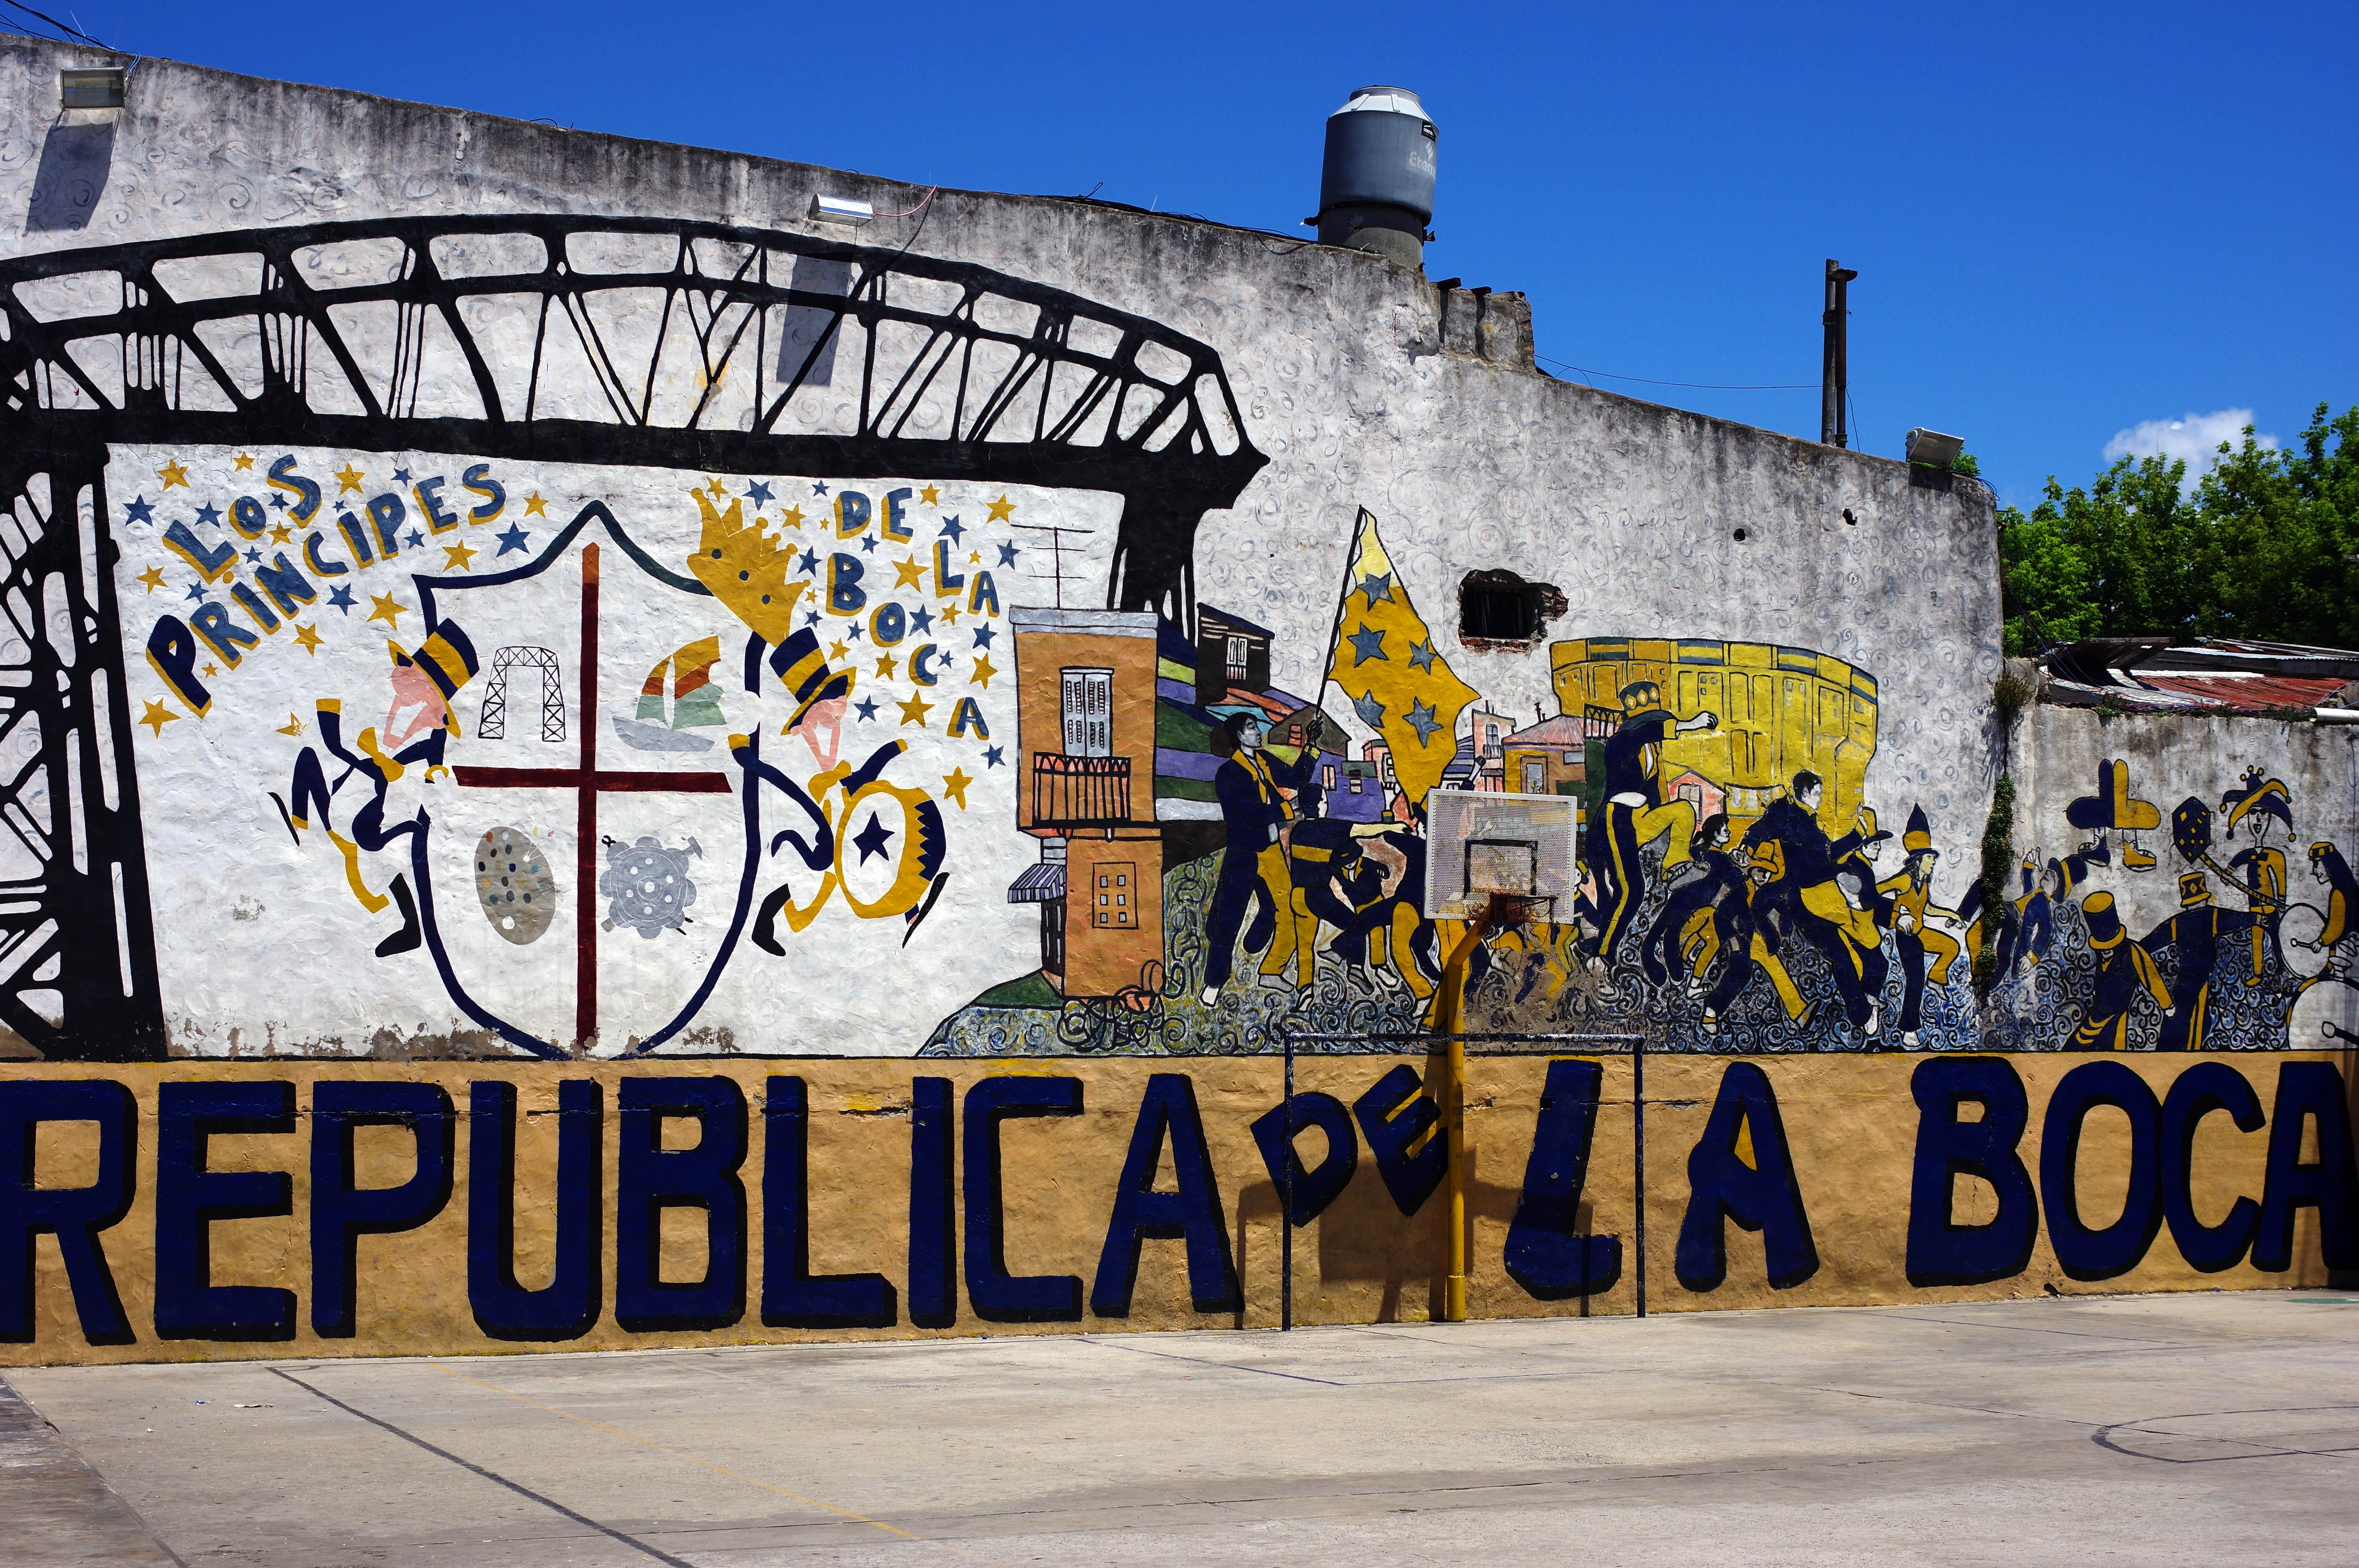 171203_BA-La Boca75